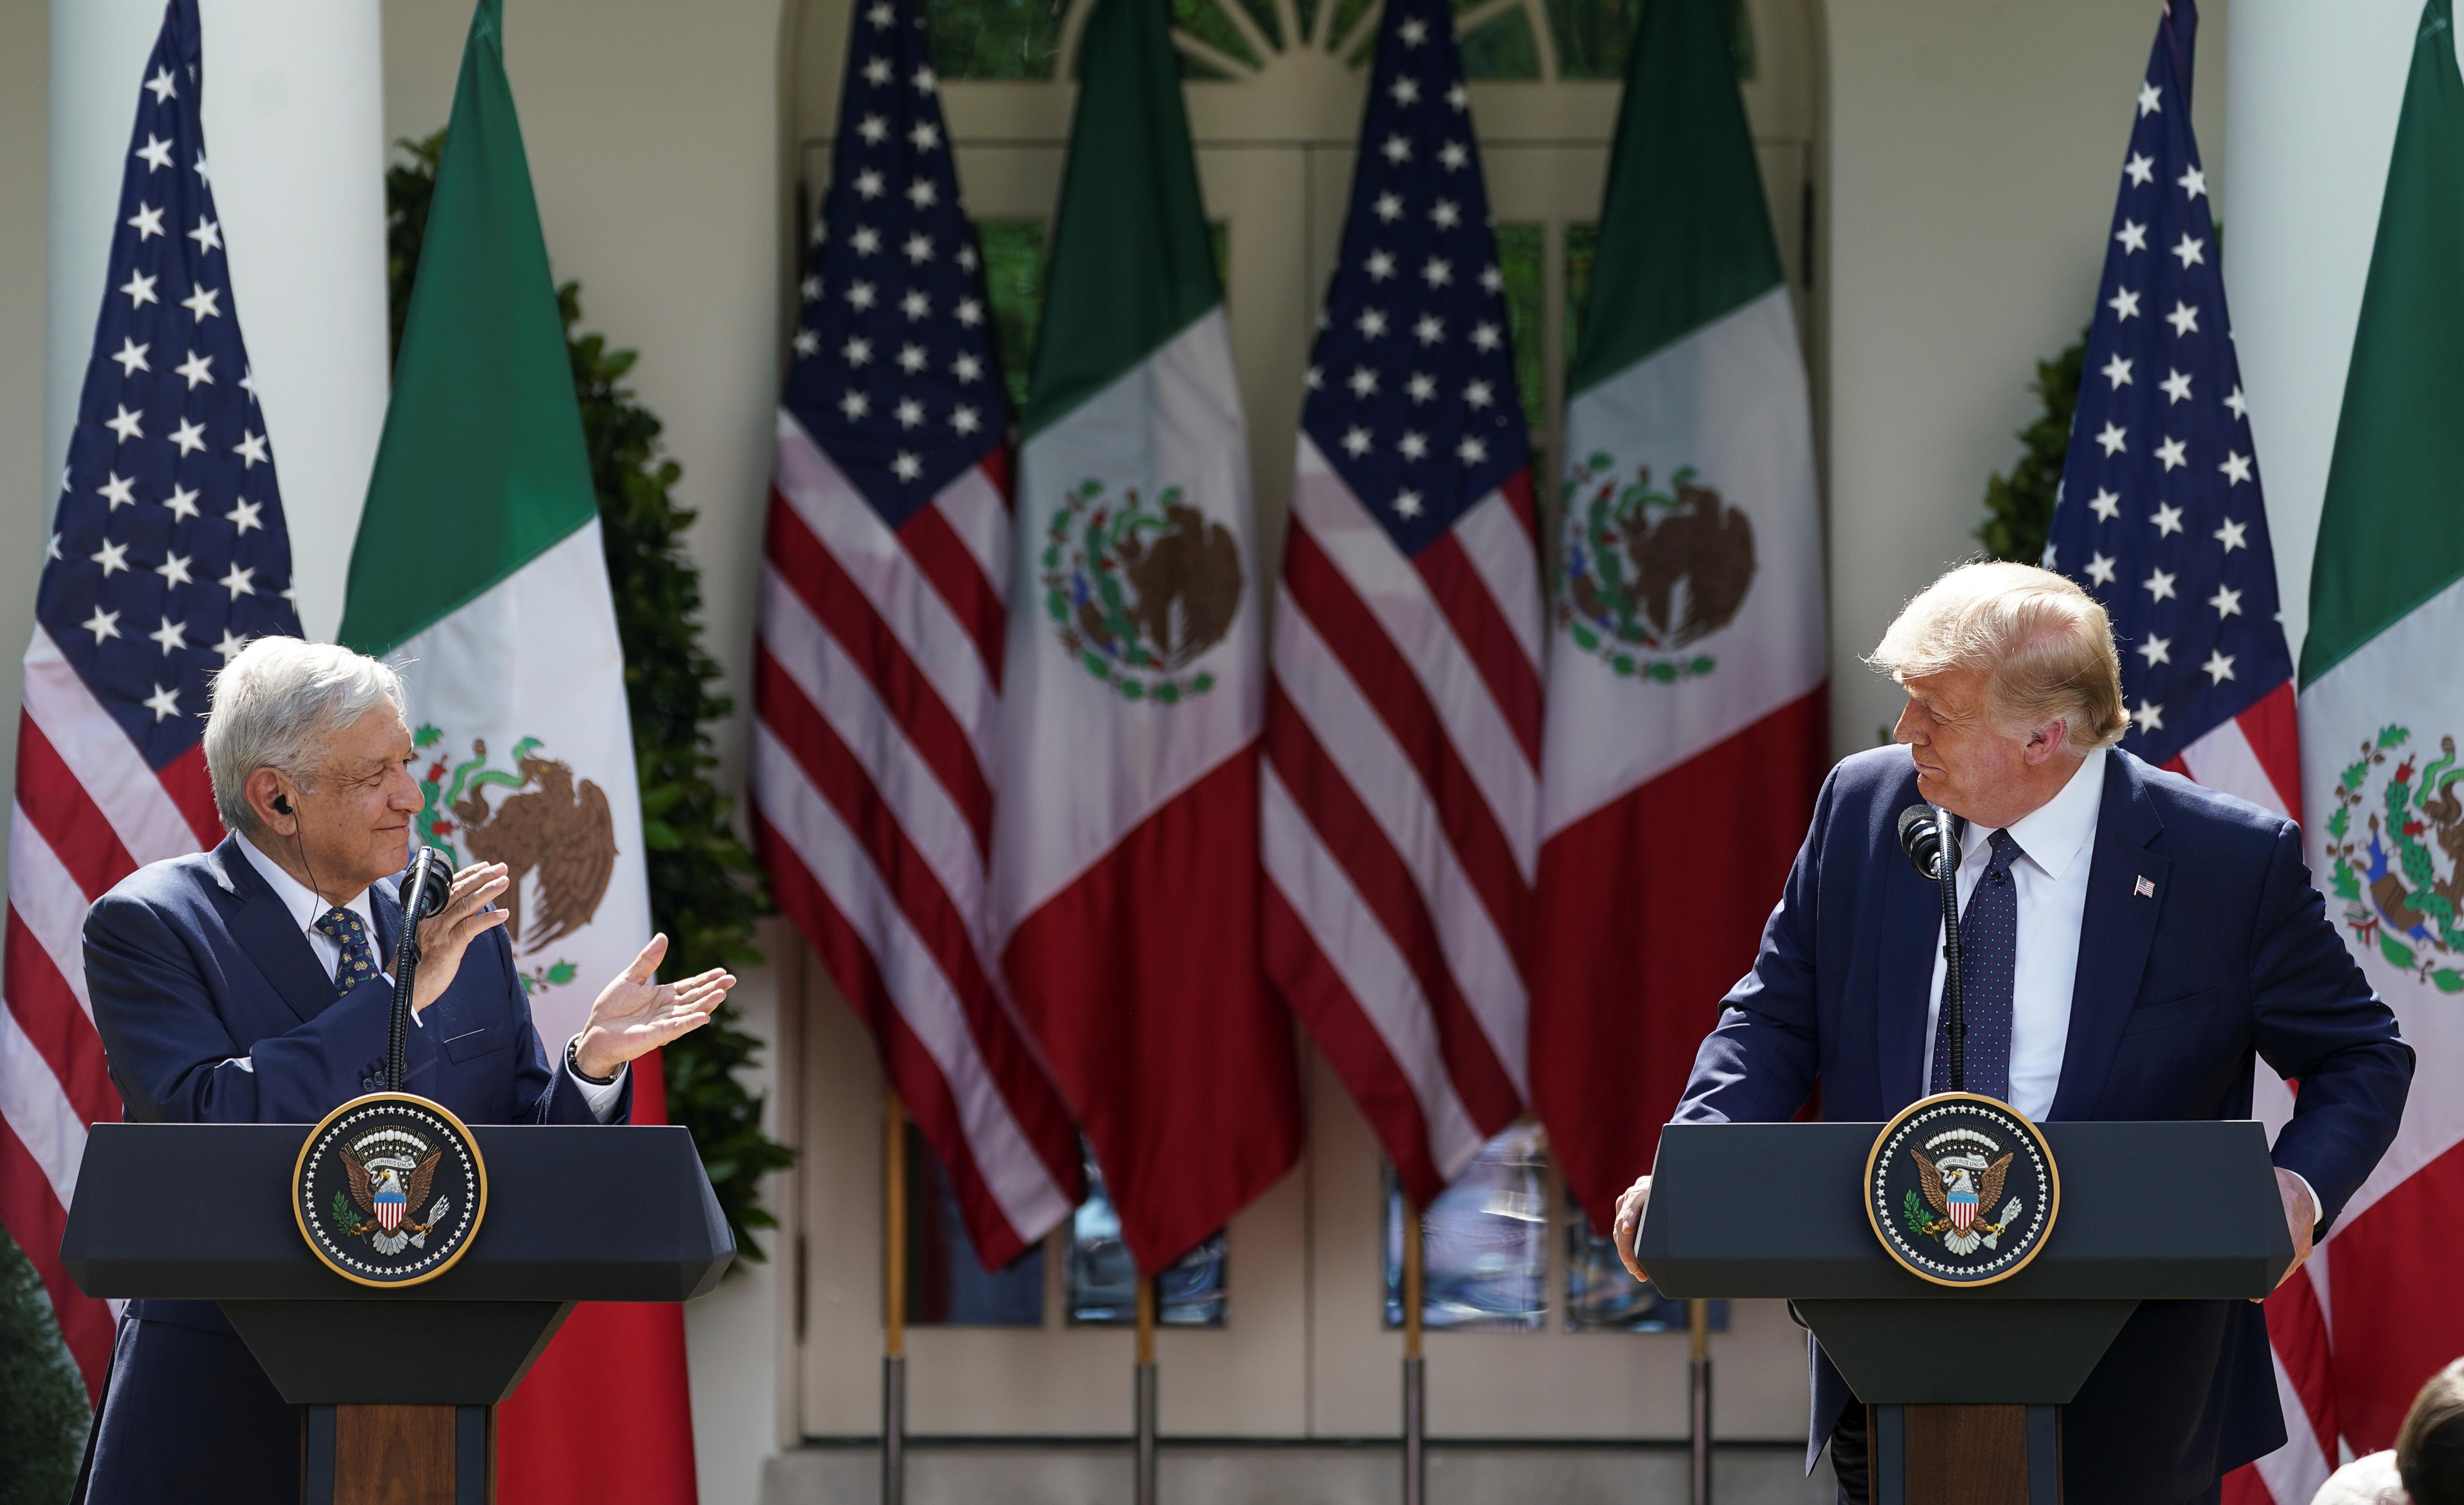 El presidente de México, Andrés Manuel López Obrado, escucha al presidente de los Estados Unidos, Donald Trump, antes de firmar una declaración conjunta en el Jardín de las Rosas en la Casa Blanca en Washington, EE. UU., 8 de julio de 2020. (Foto: REUTERS / Kevin Lamarque)